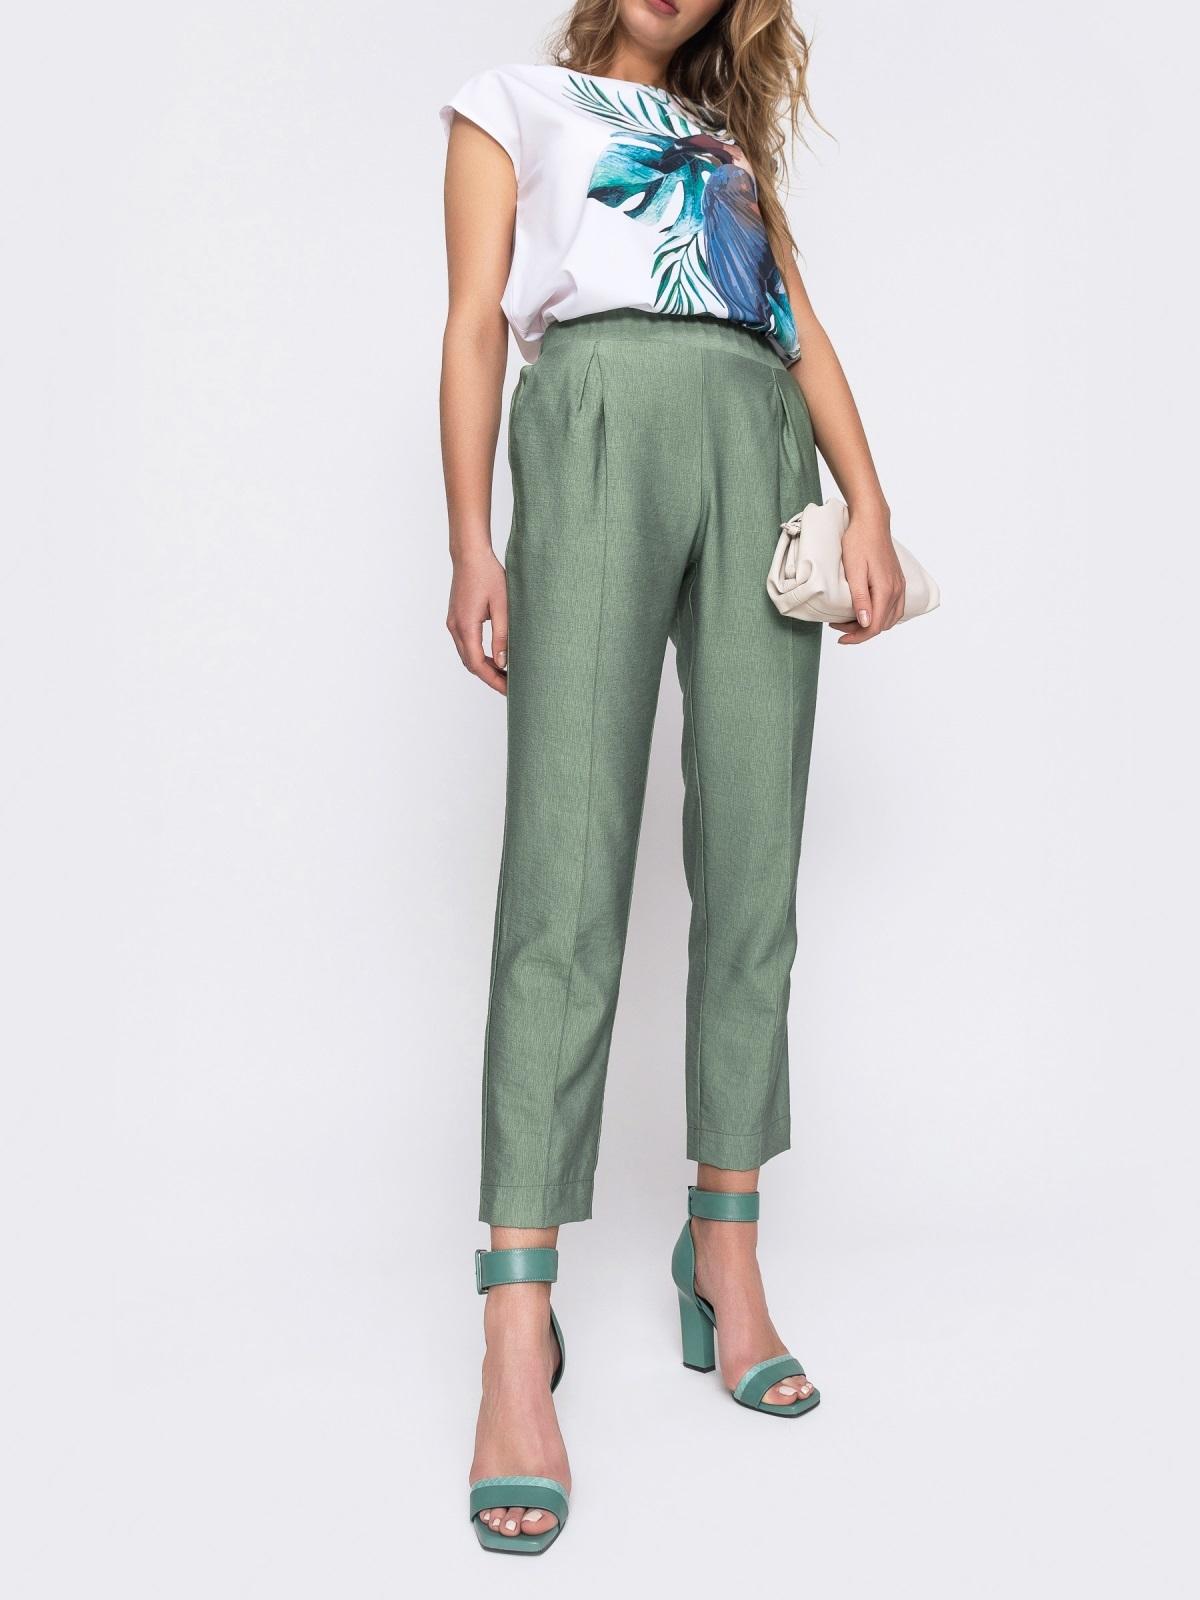 Зеленые брюки из льна с резинкой по талии 48435, фото 1